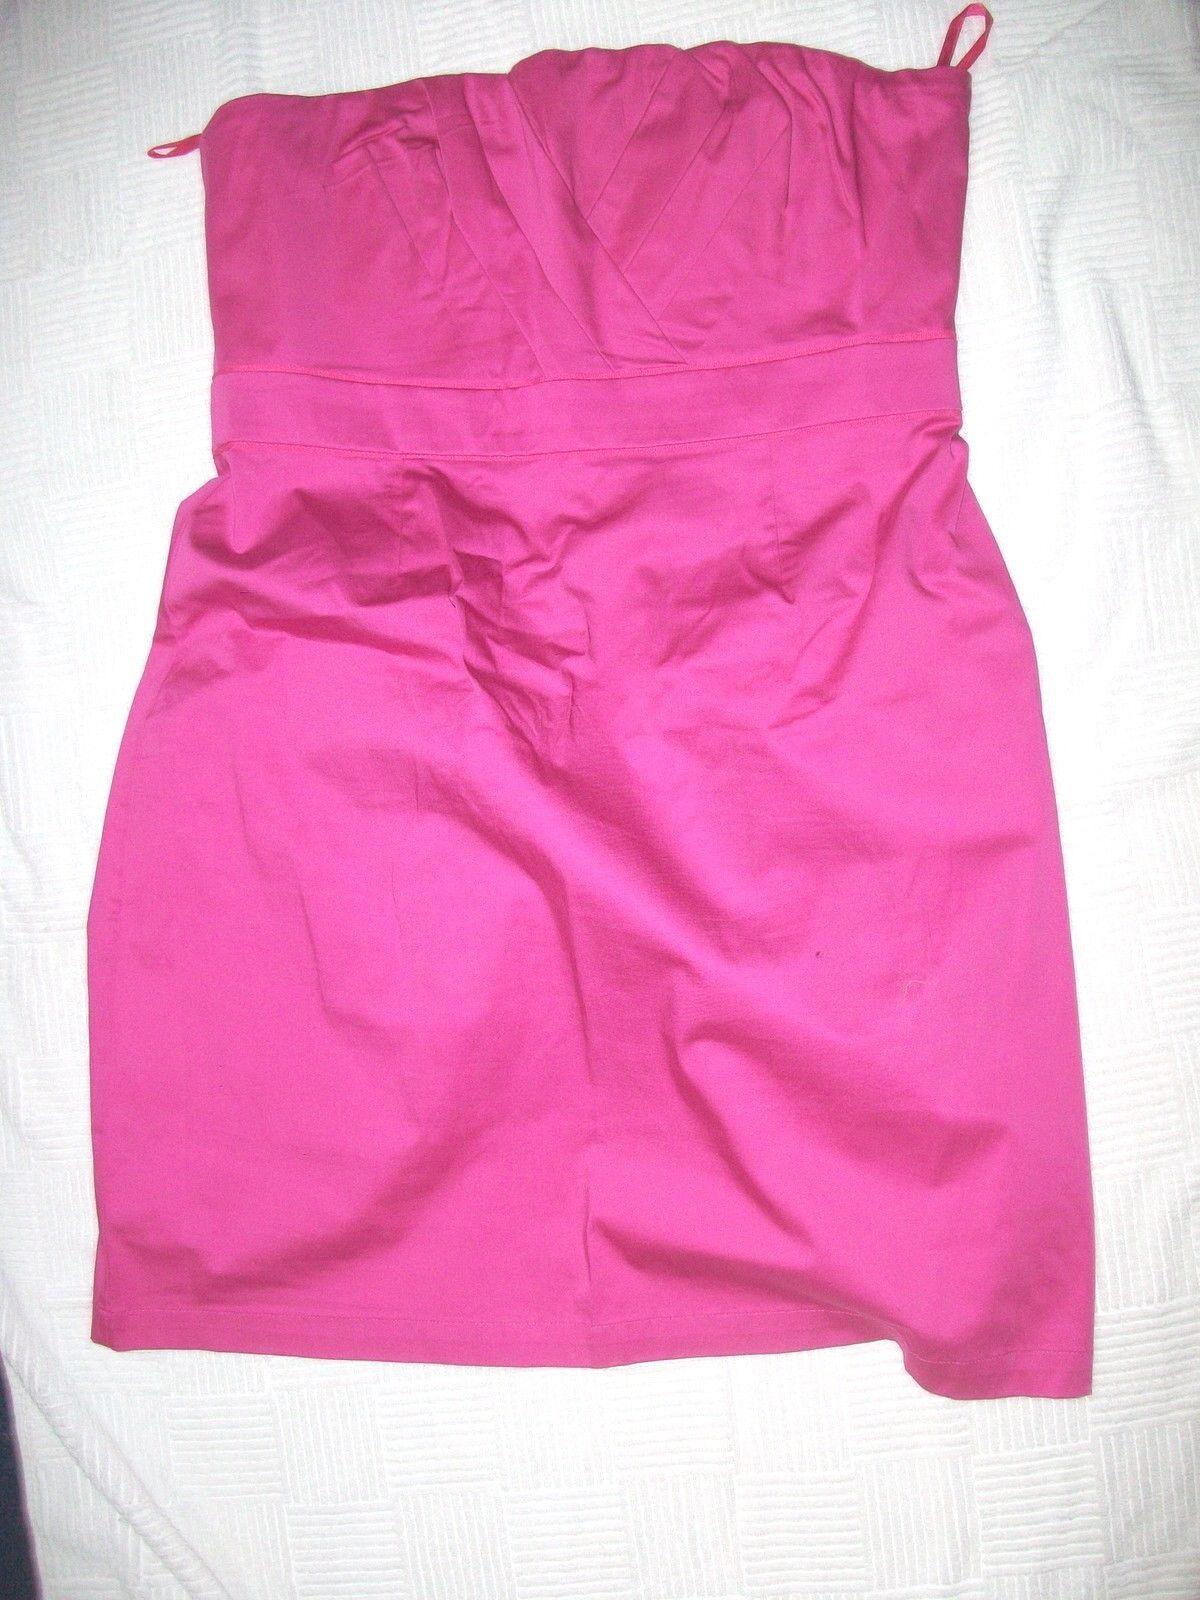 Women's Strapless Dress Fuscha New York & Company NWT Sz 16